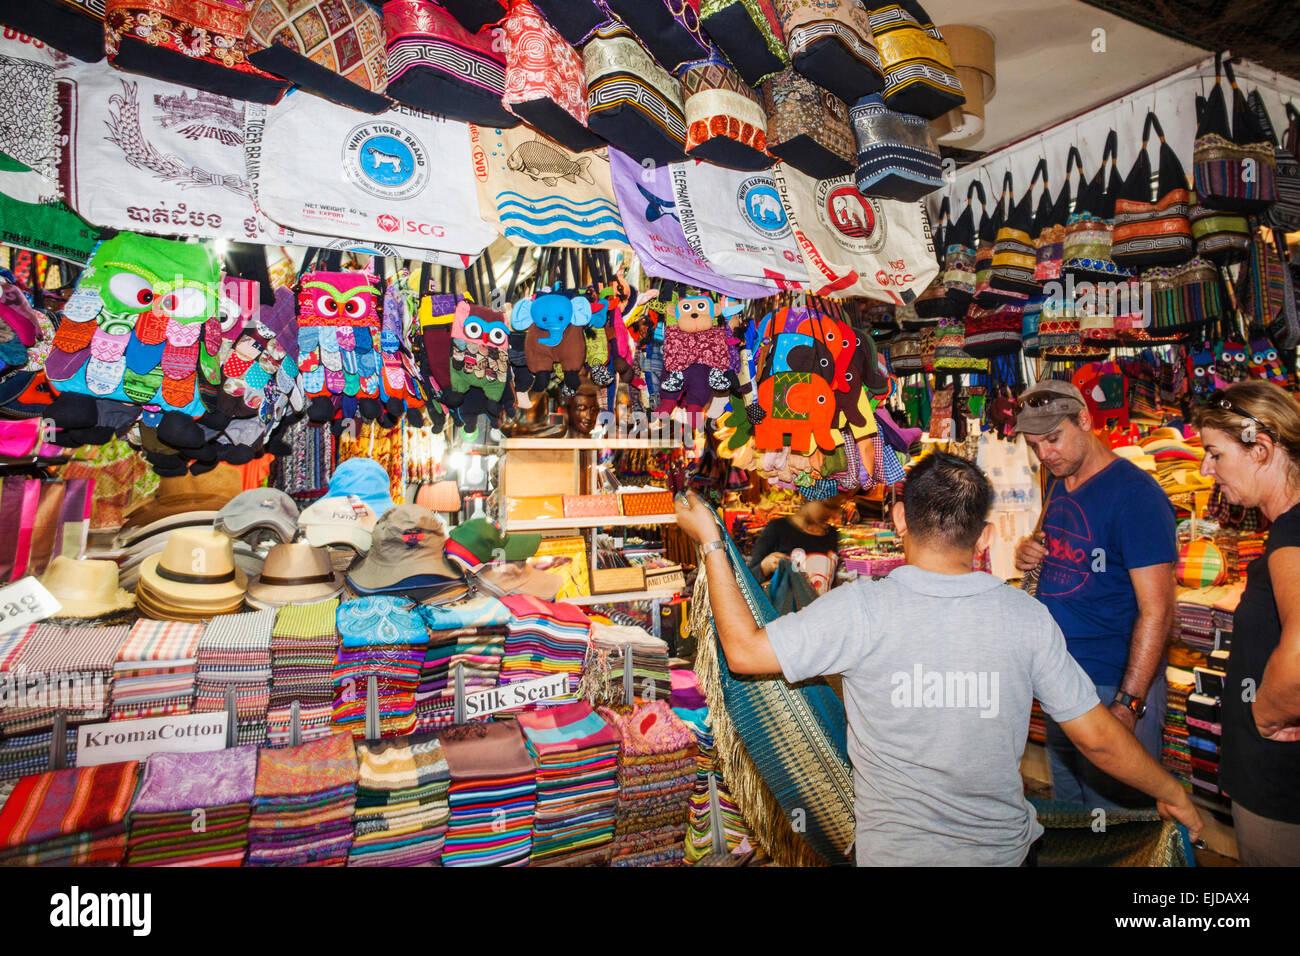 How to Buy Handicrafts